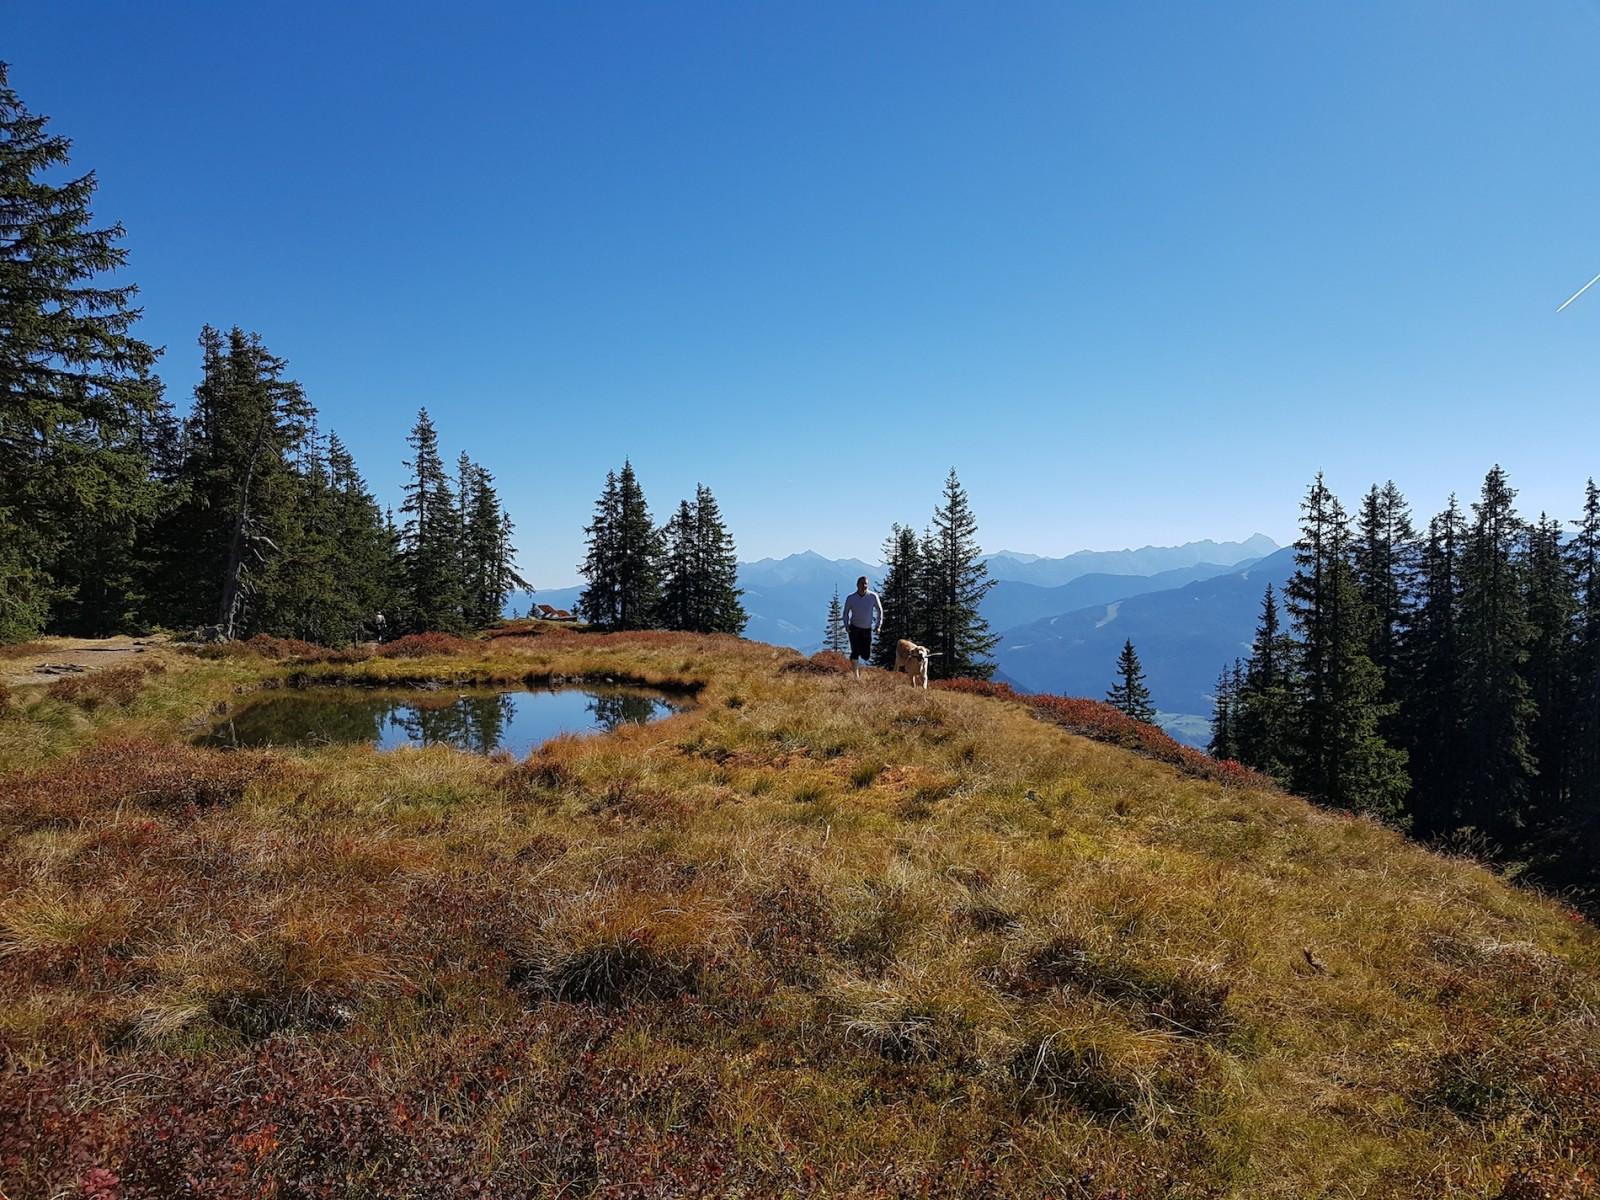 In den kleinen Seen spiegeln sich Bäume und Gipfel.